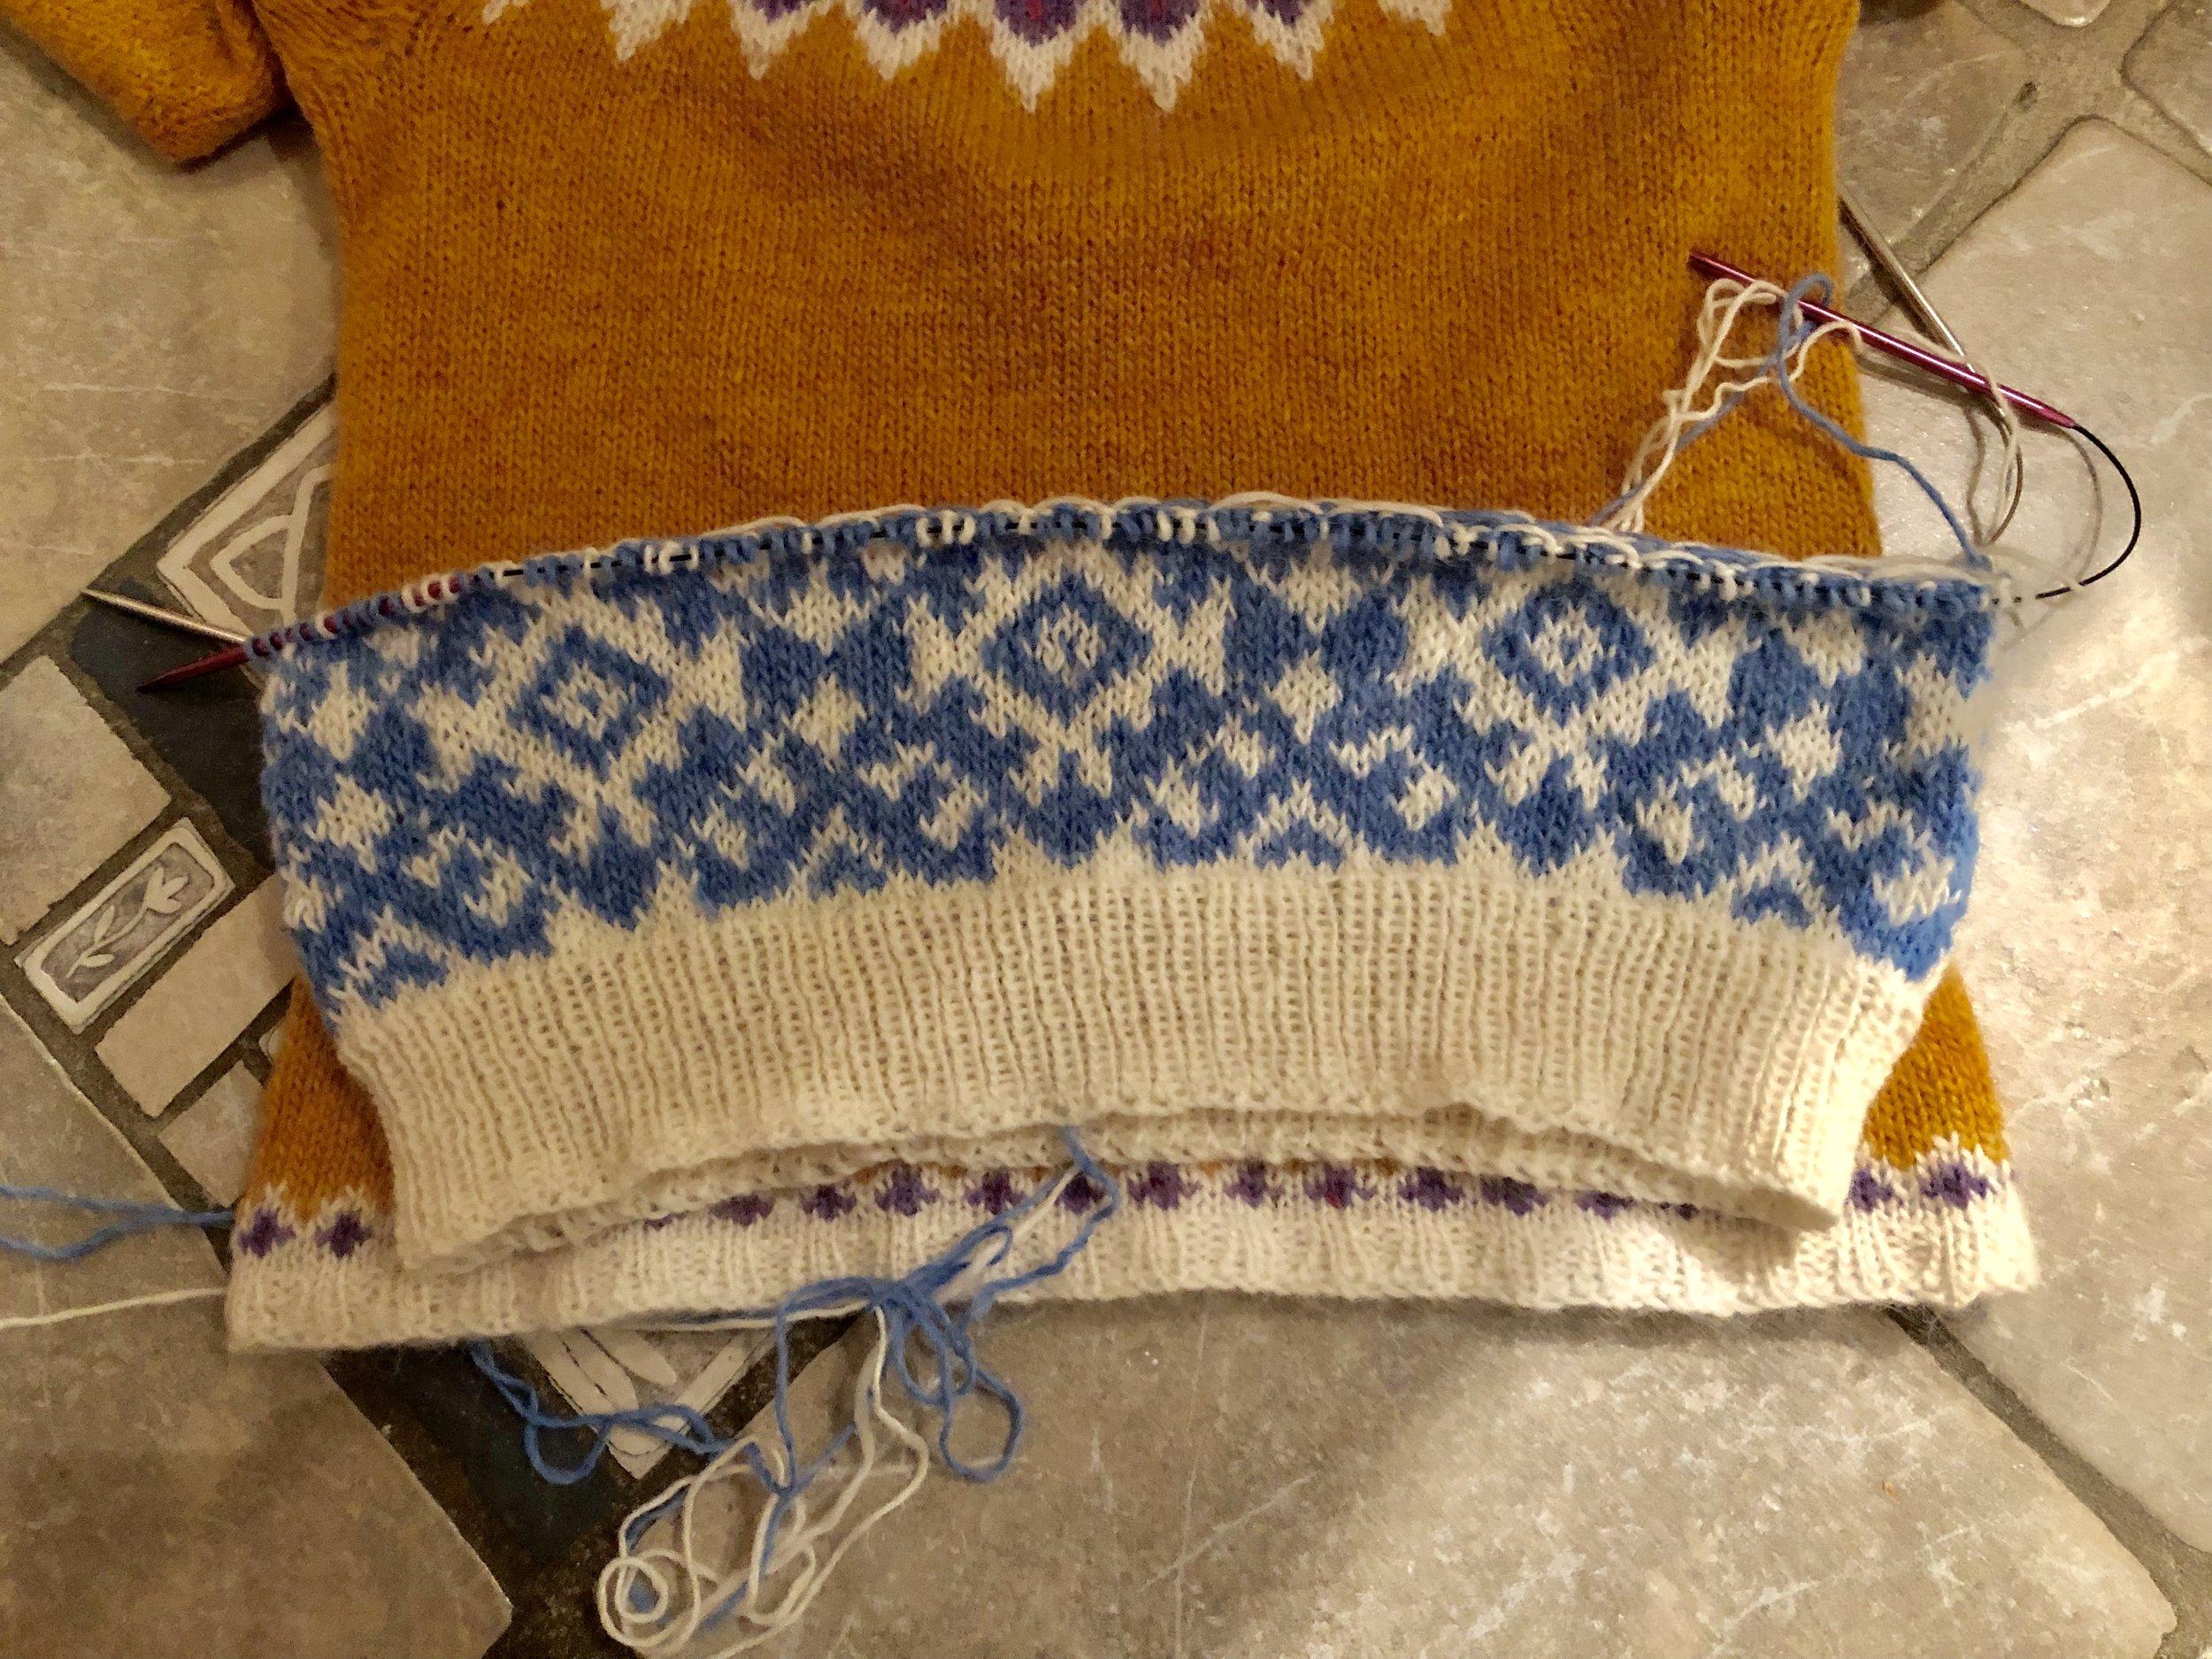 Synes den så liten ut, måtte måle på en Riddari jeg har fra før, som er strikket i samme garn på pinne 4,5. På grunn av alt mønsteret valgte jeg gå opp 0.5, til pinne 5, og da ble genseren helt passelig til meg. Tilsvarer en S/M.